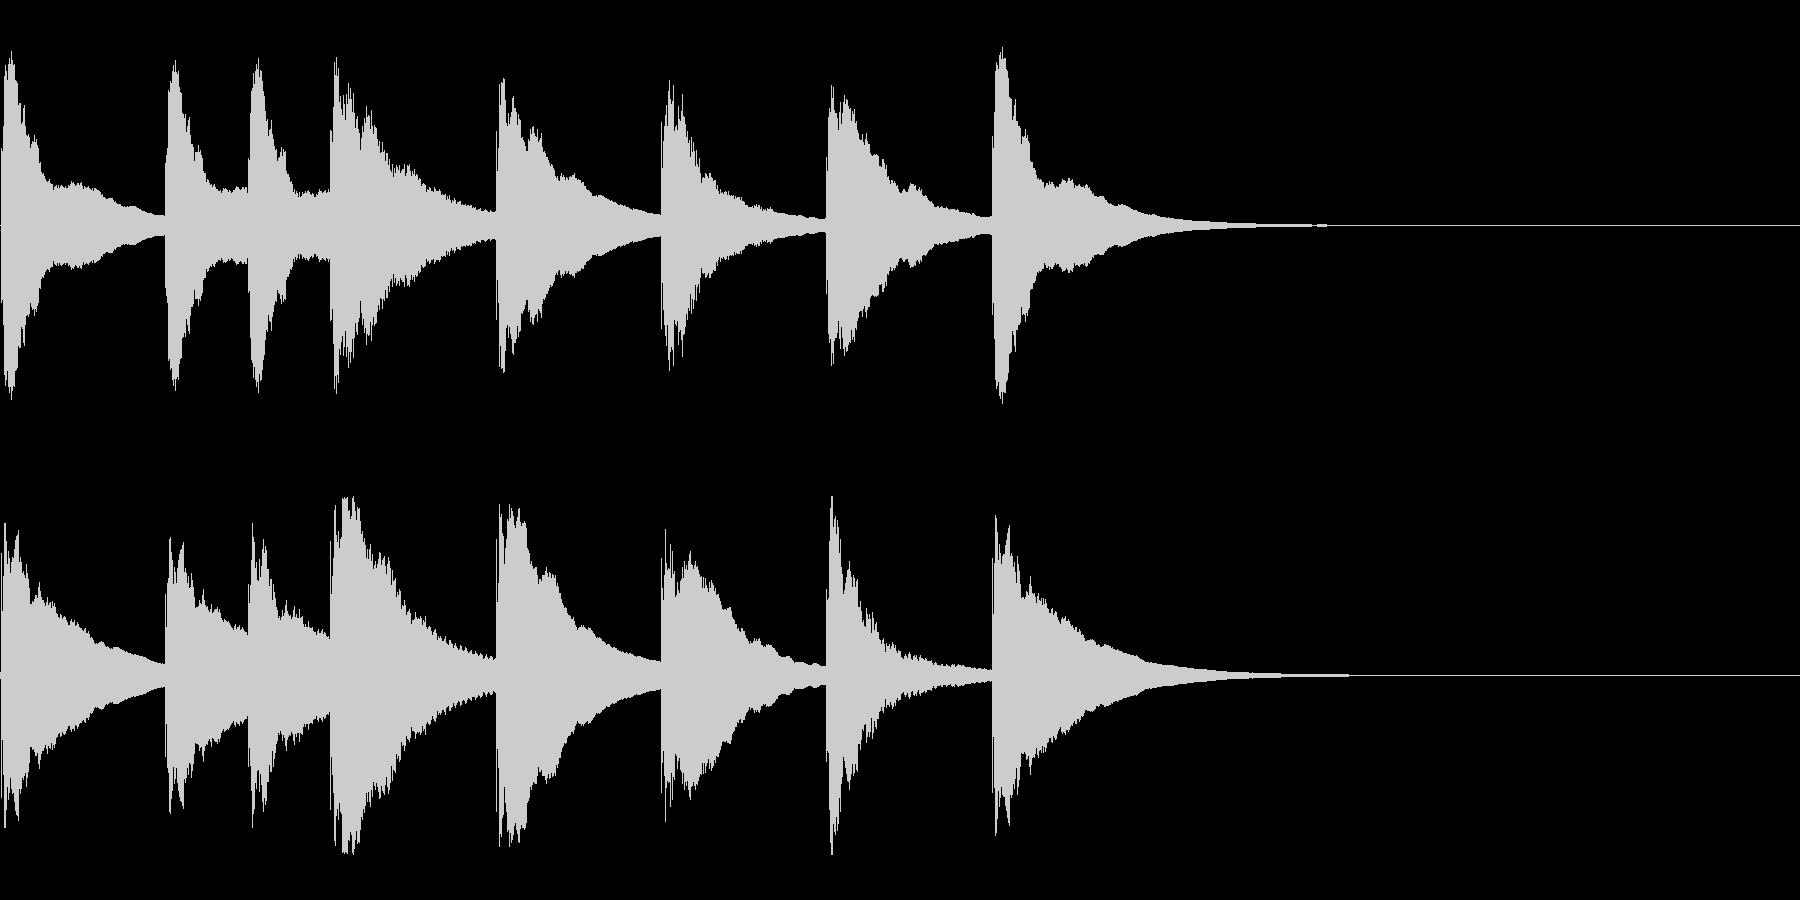 アラビアン?な木琴の3秒ジングルの未再生の波形